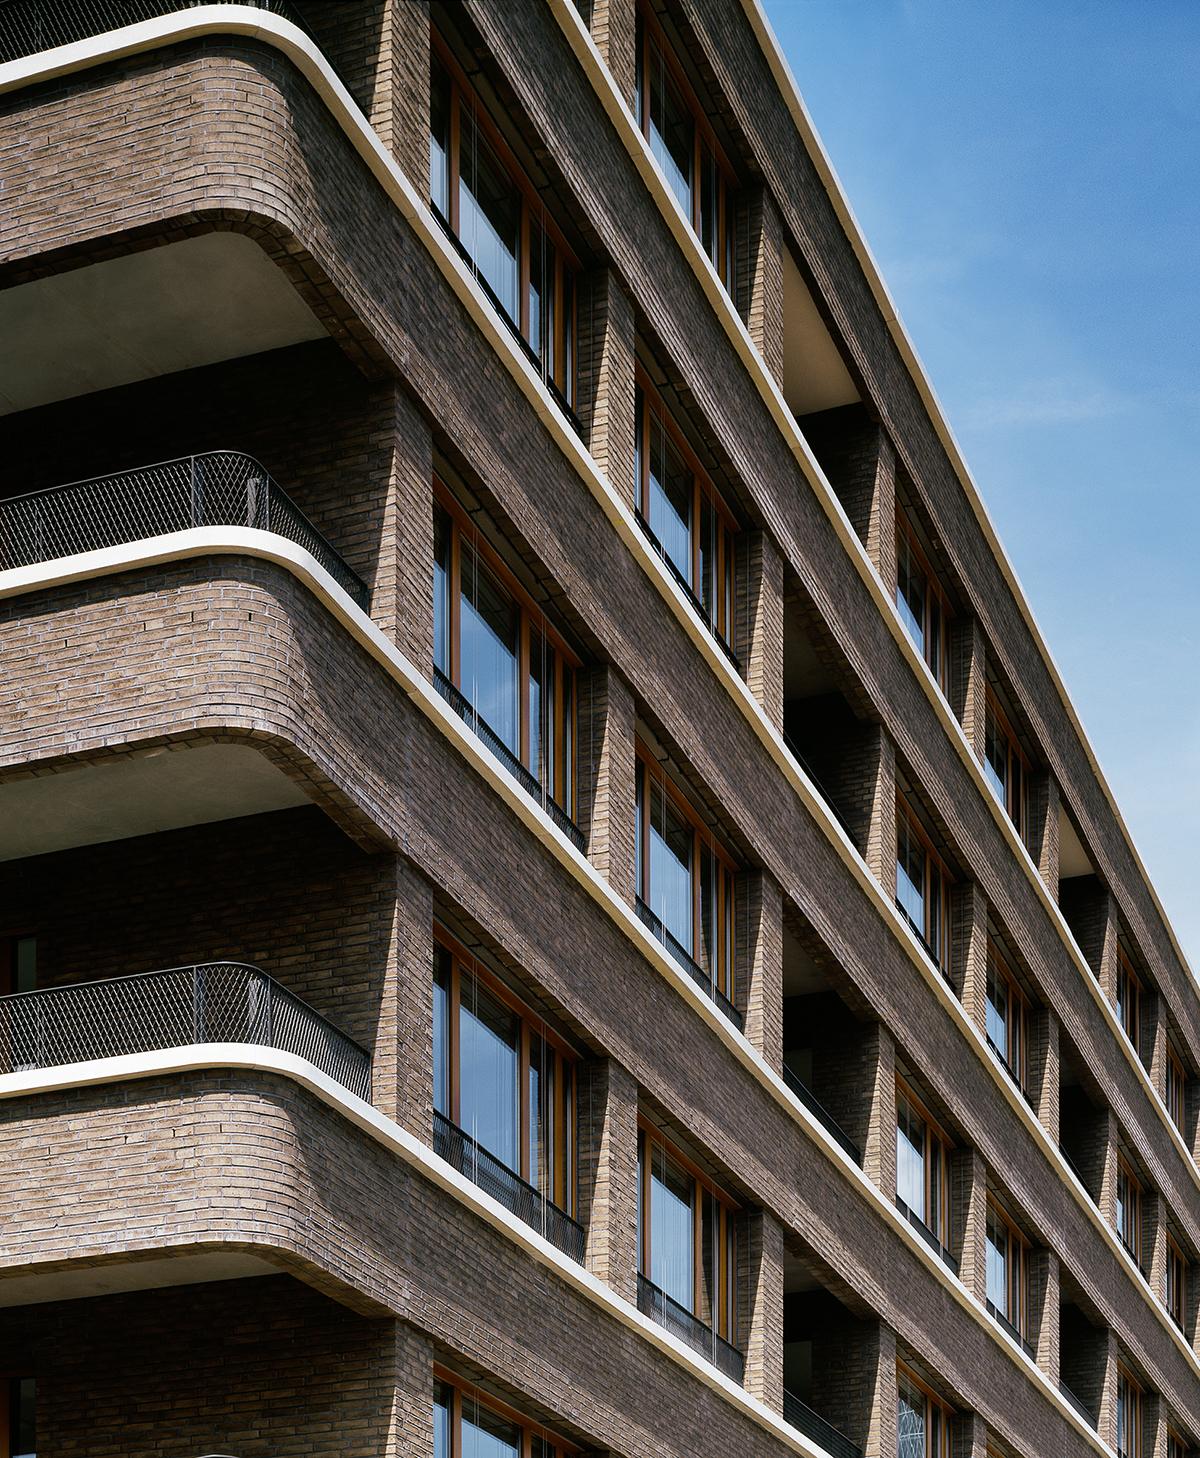 Westgarten 01. Fassadenansicht an der Ecke Zanderstrasse / Speicherstrasse, Foto: Jean-Luc Valentin